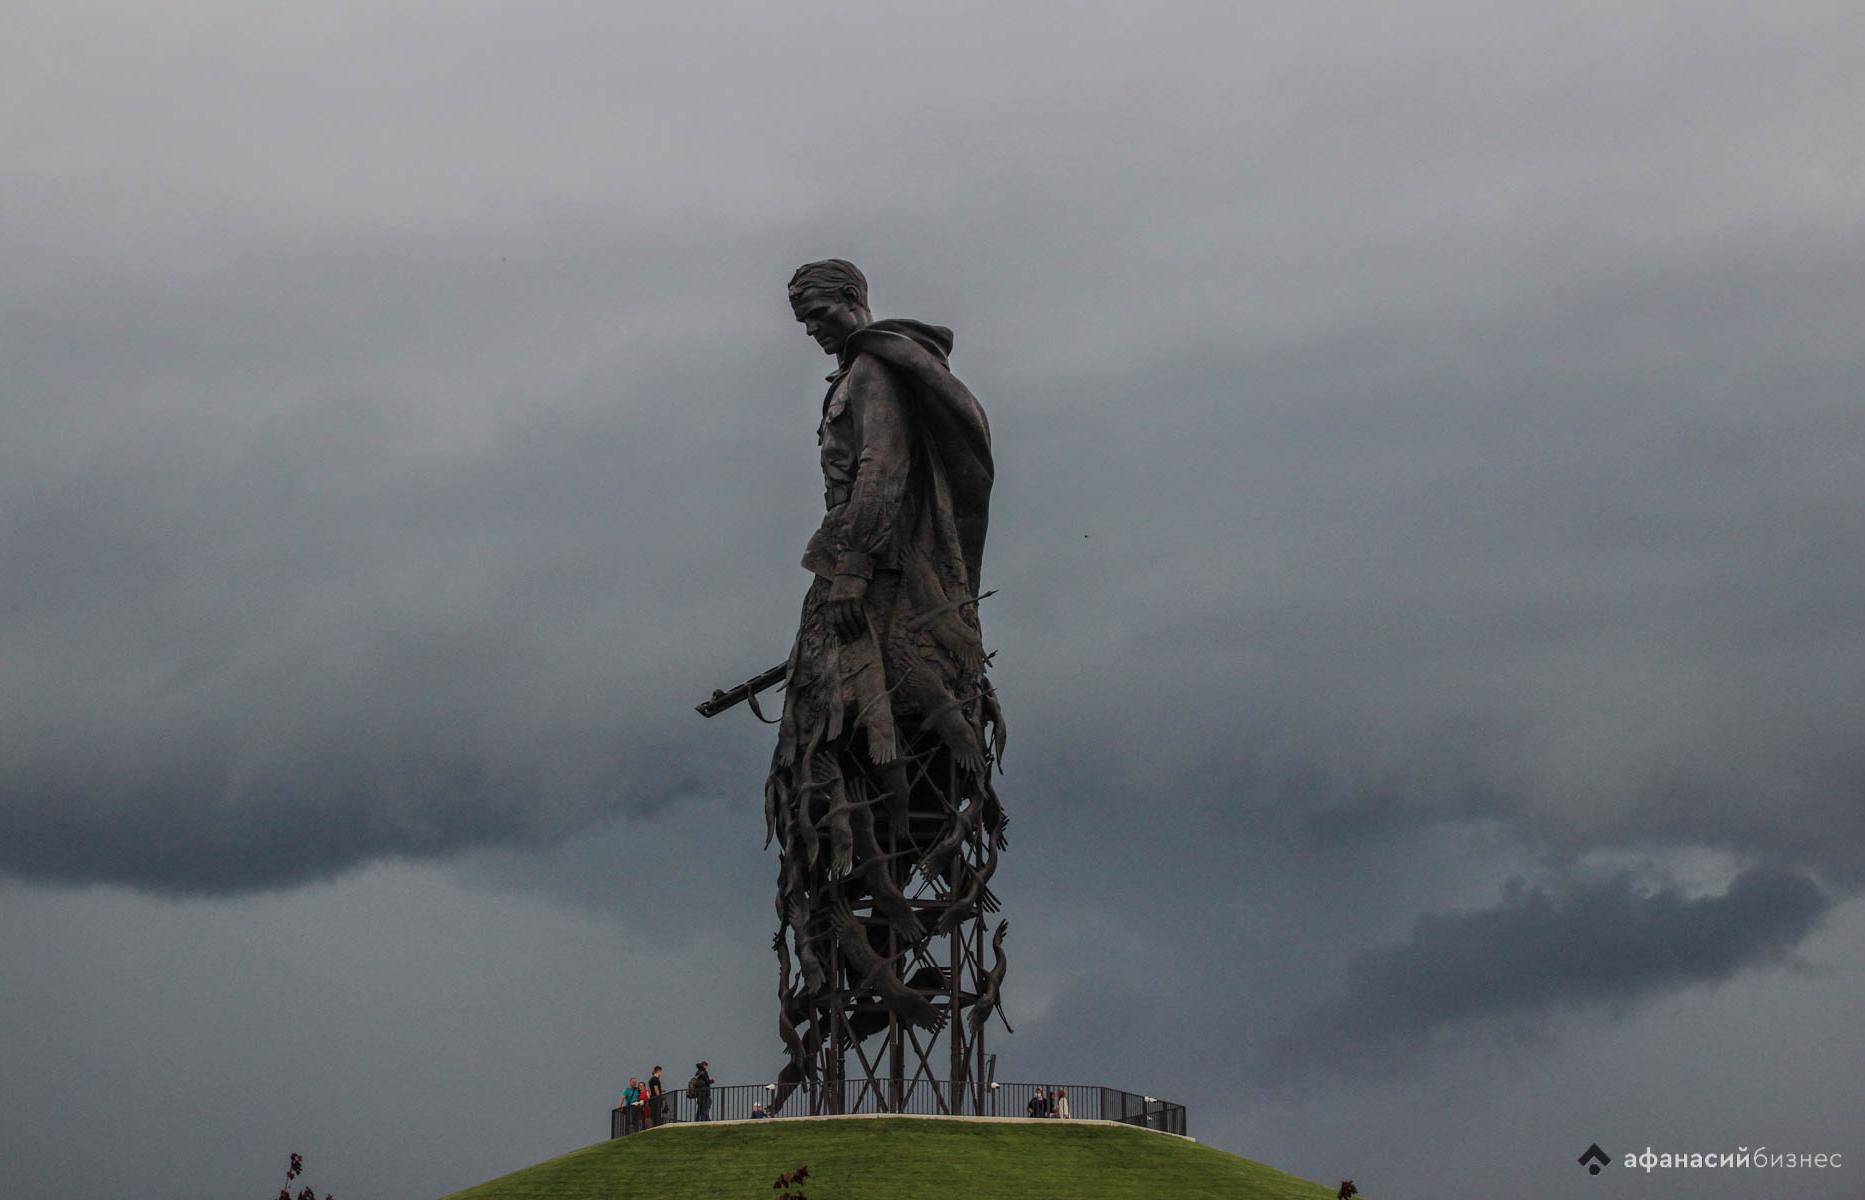 Ржевский мемориал посетили 60 тысяч человек - новости Афанасий